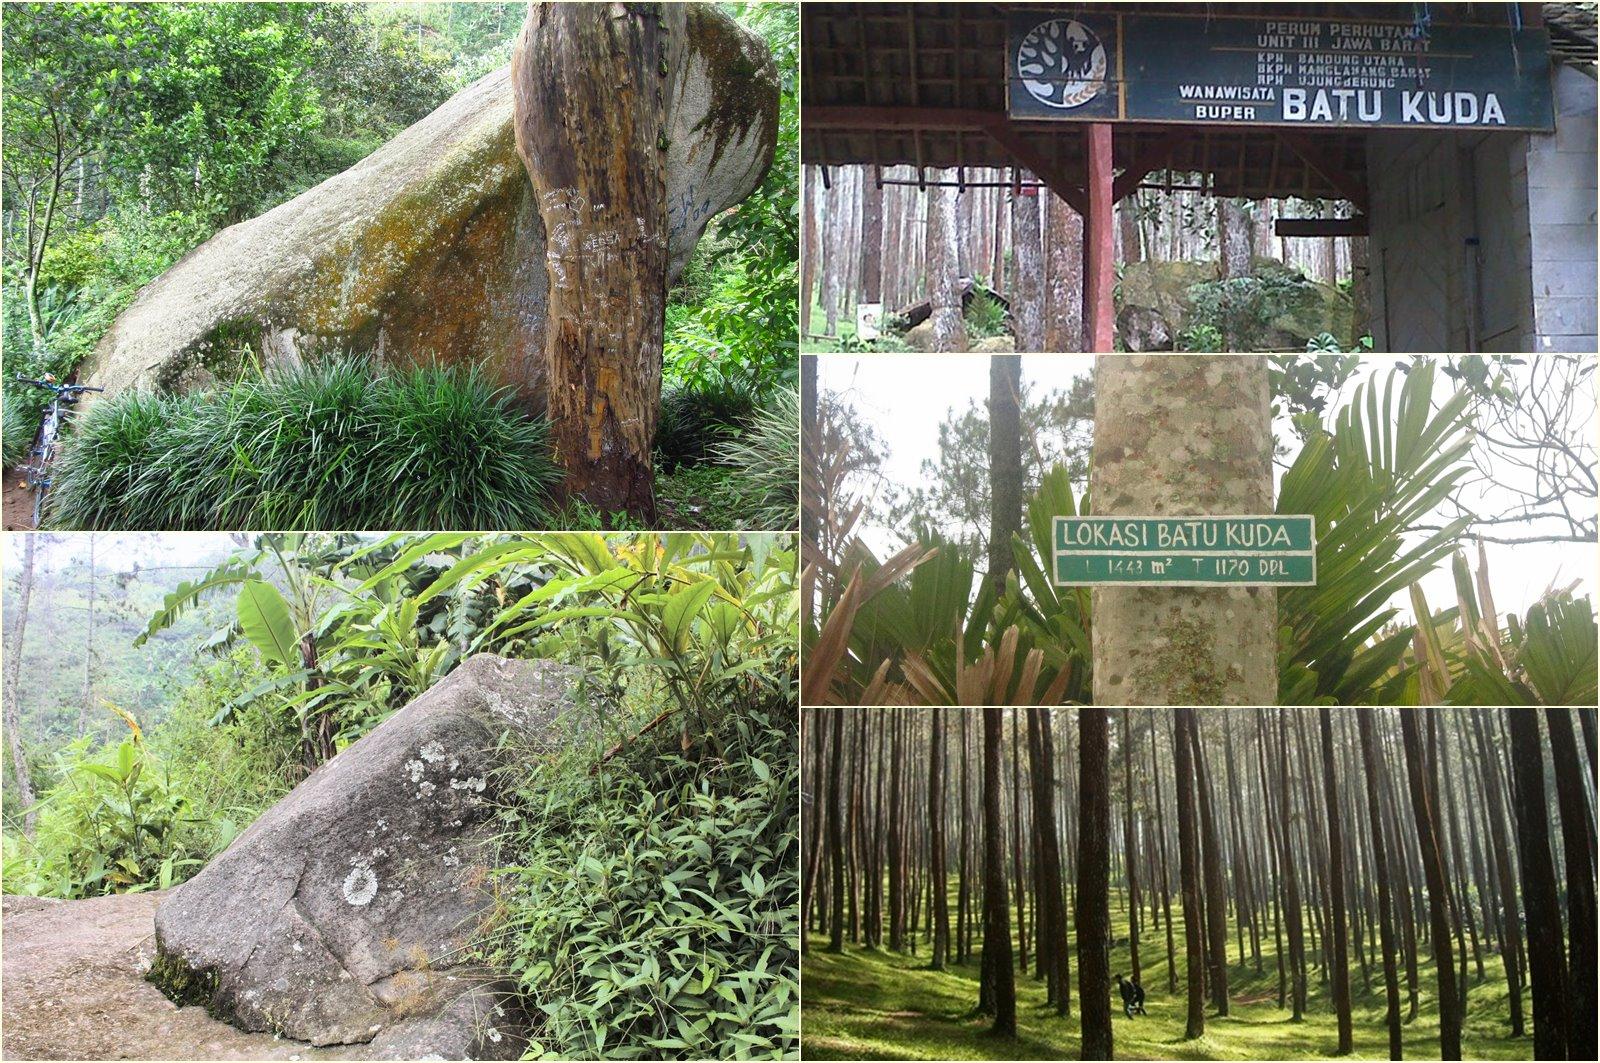 Situs Batu Kuda Gunung Manglayang Bandung Yang Penuh Misteri.